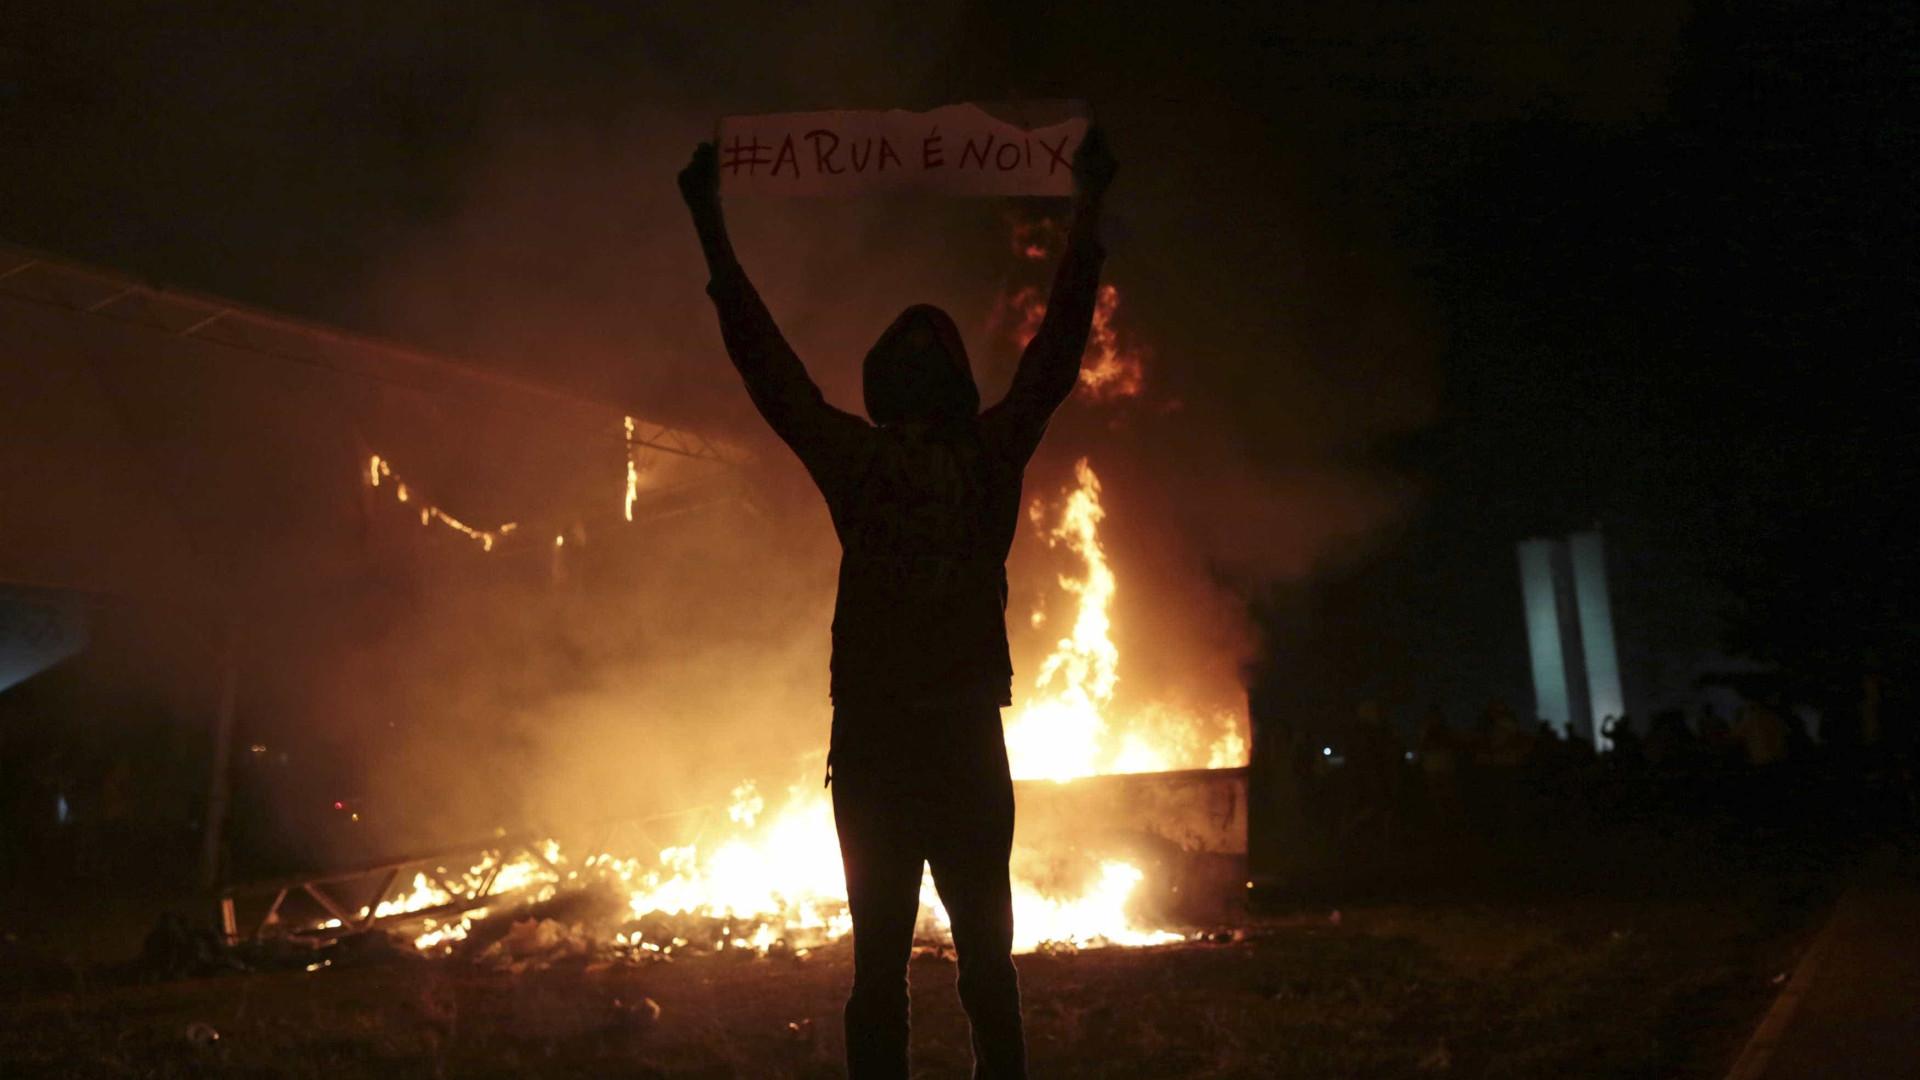 Fumaça de queimadas chega ao Sul e do Sudeste do Brasil